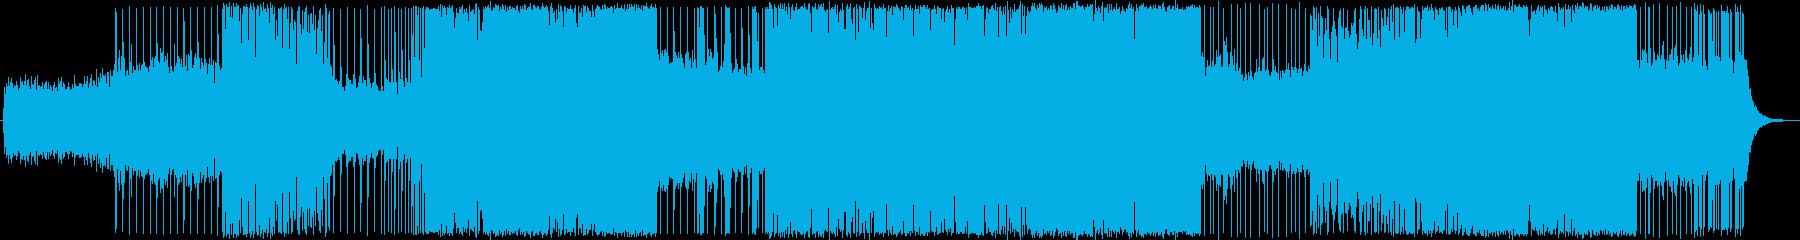 Trap/北欧ぽい/ハウス/ワブルベースの再生済みの波形